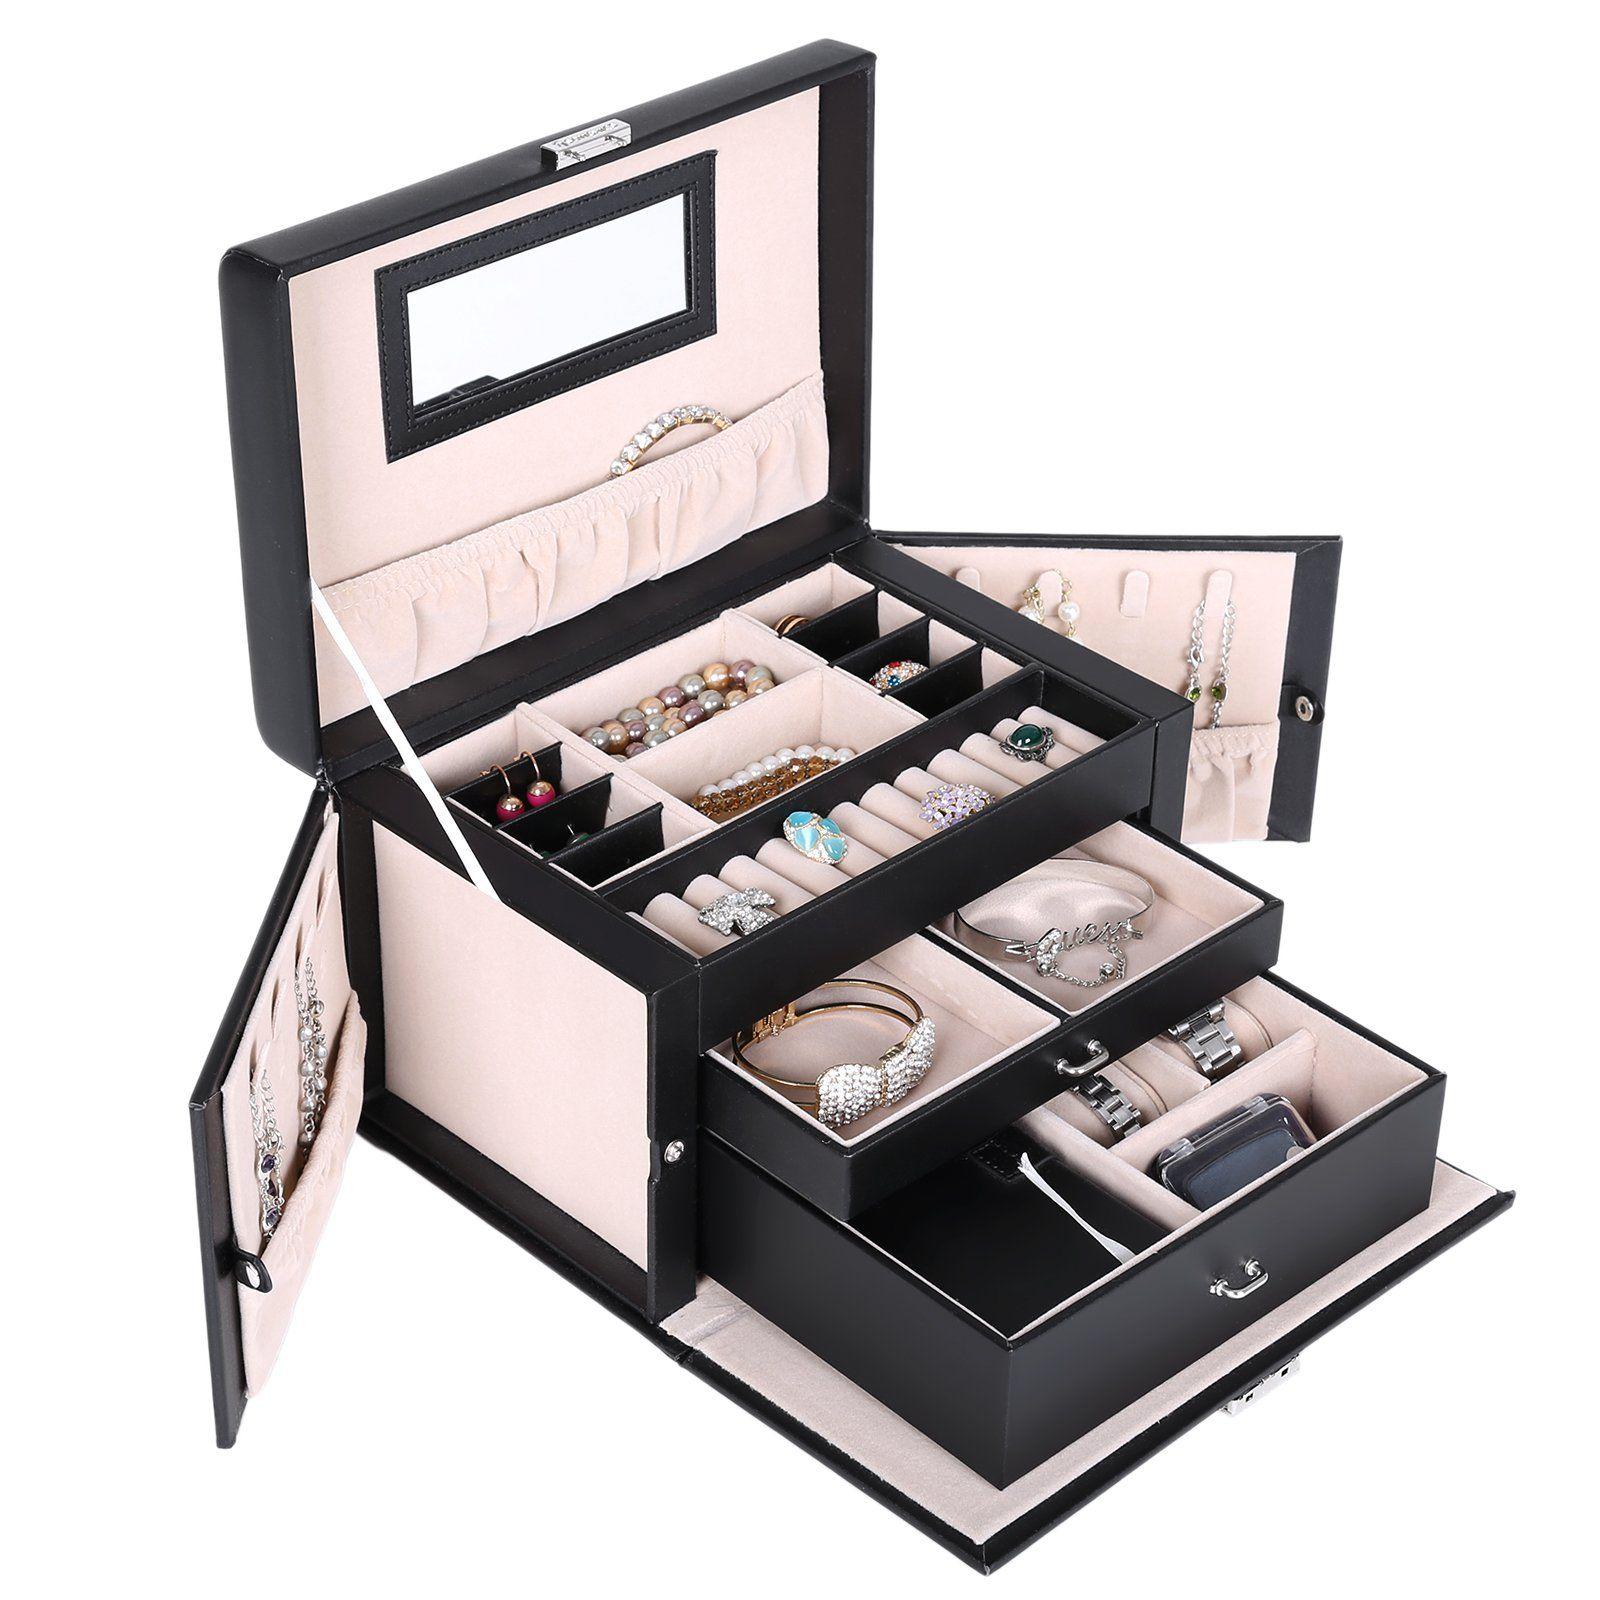 SONGMICS Black Leather Jewelry Box Watch Storage Organizer w Lock